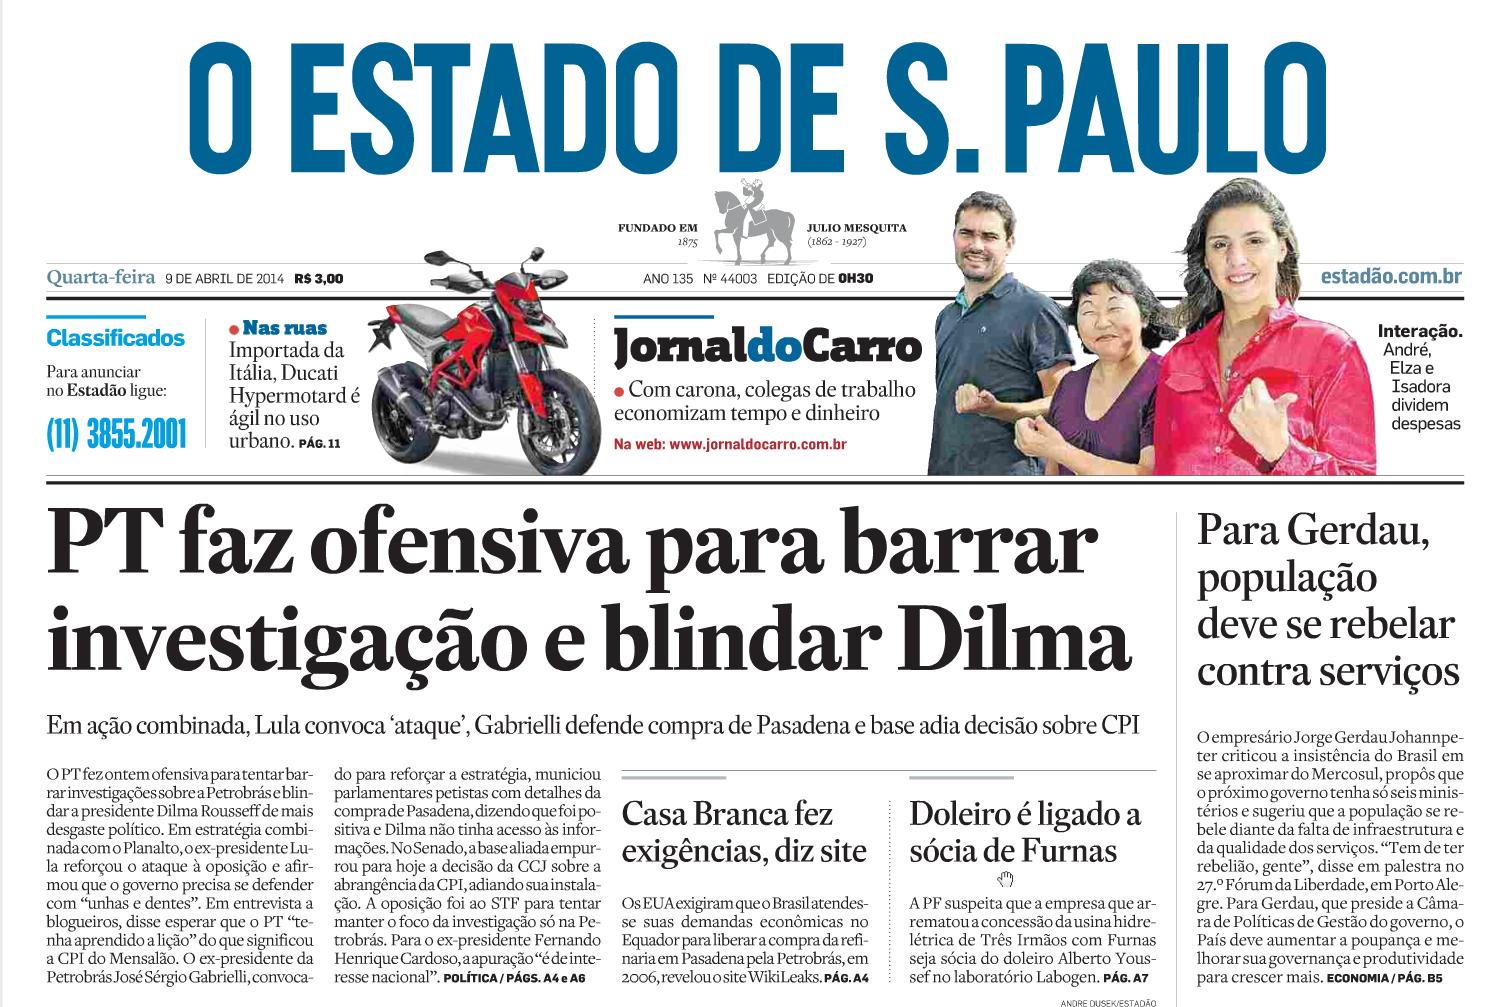 3-Estadao-primeira-pagina-09abr2014